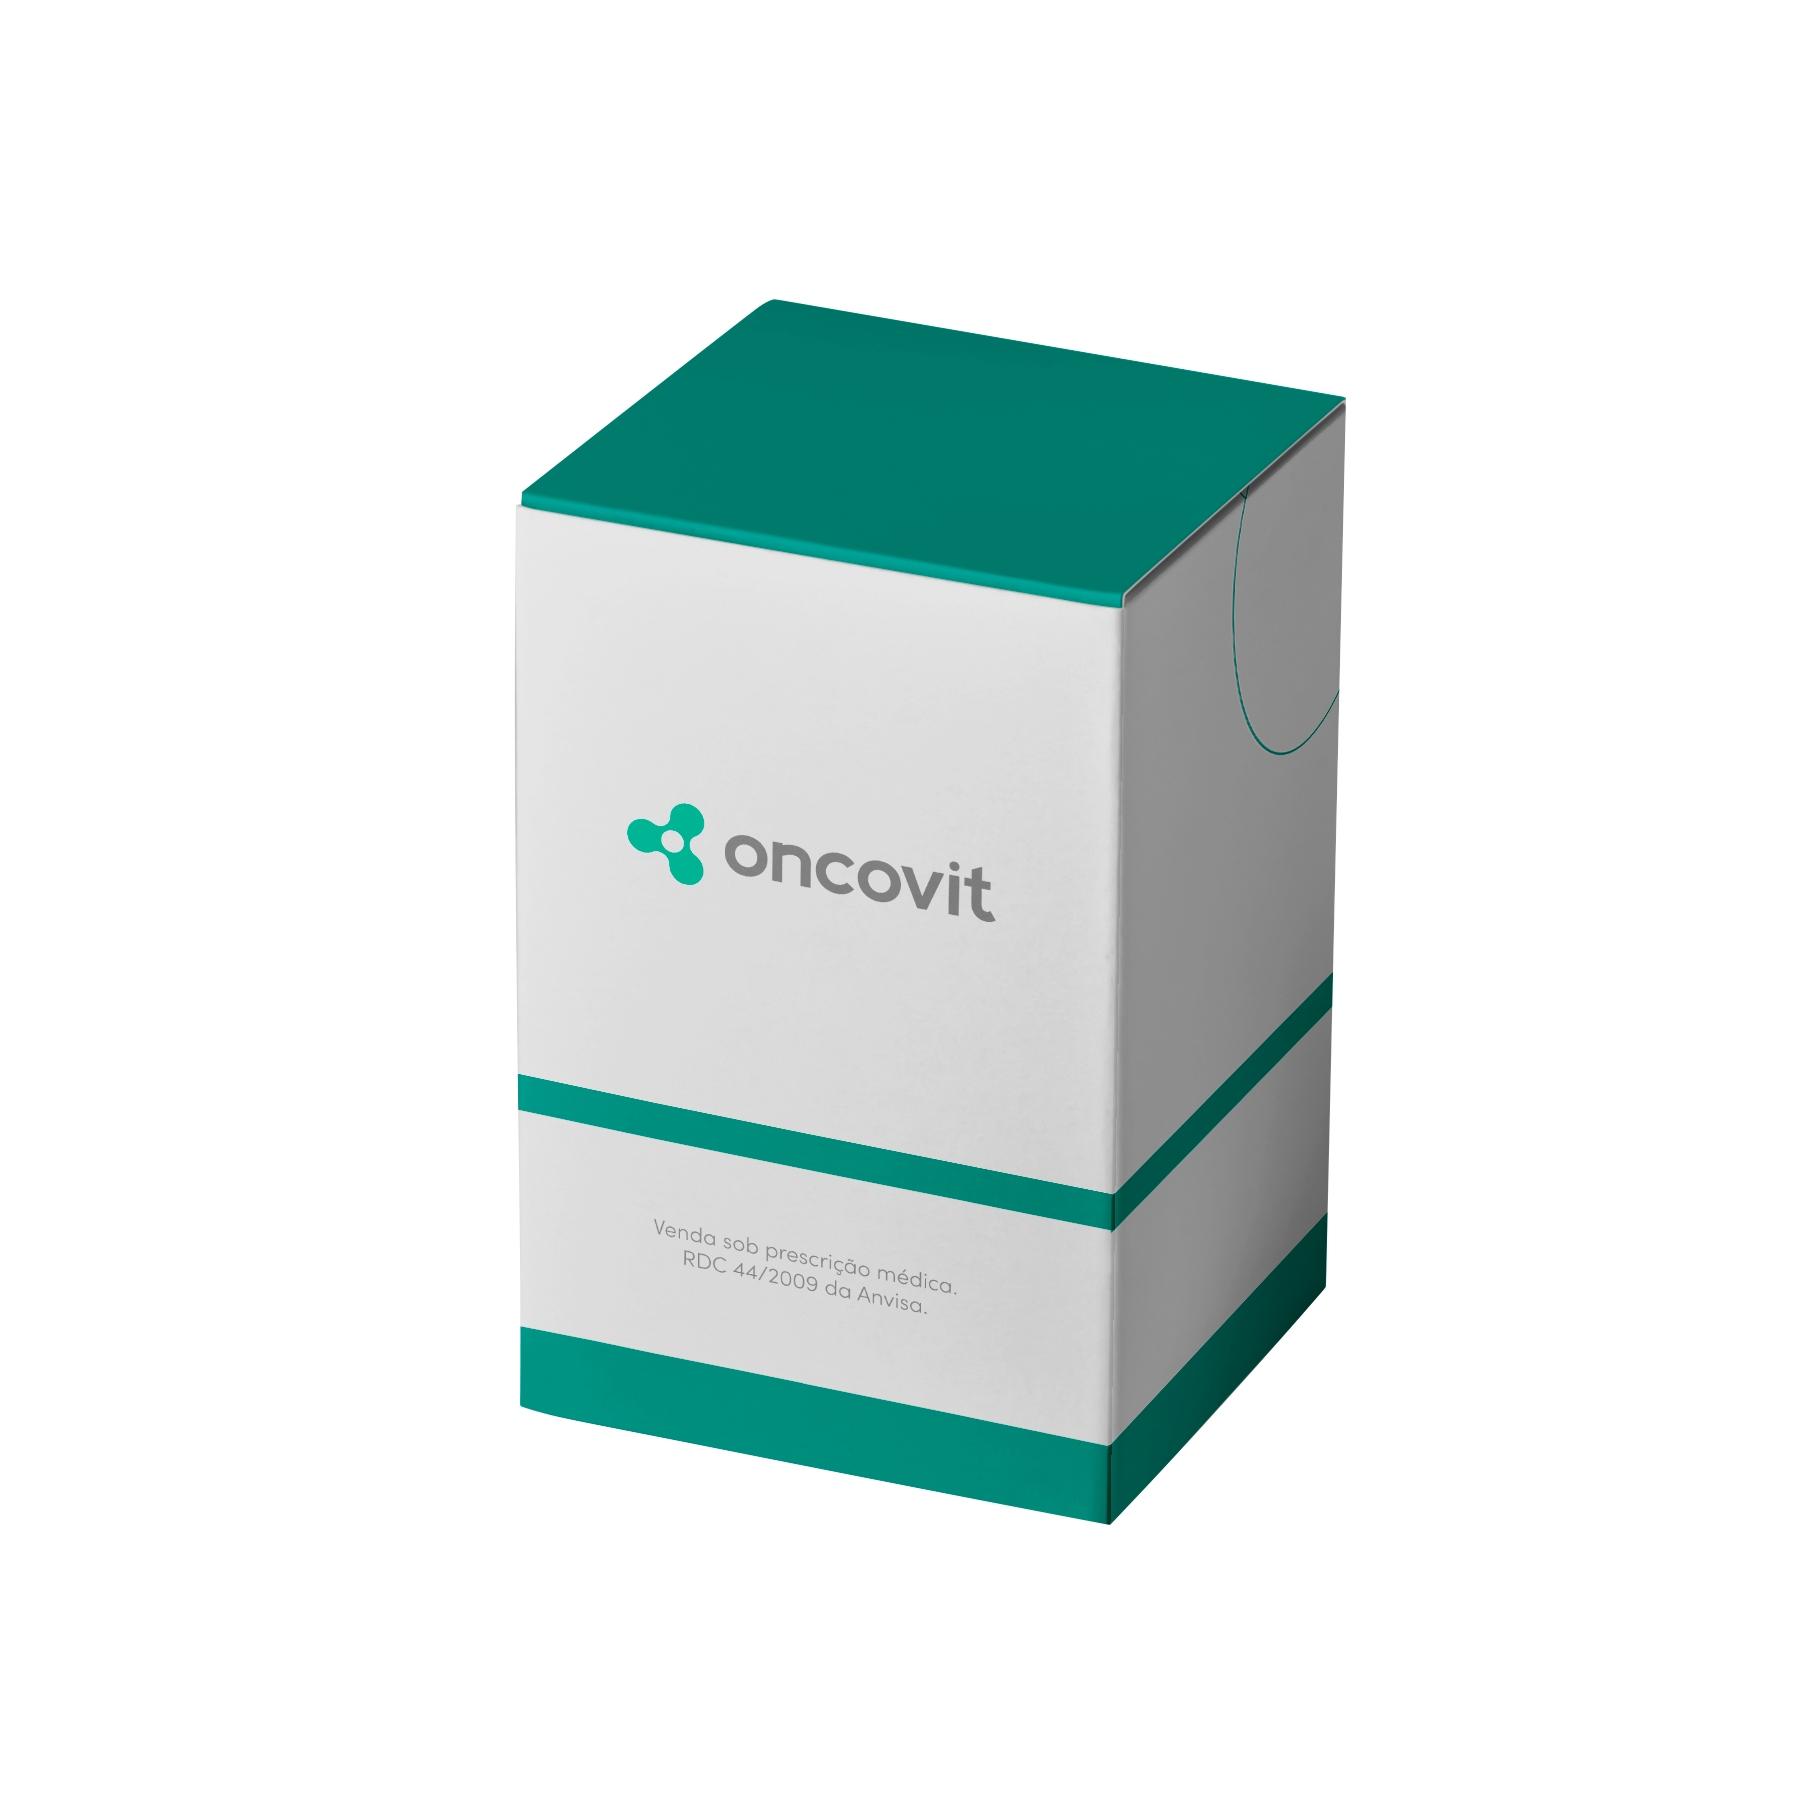 Nplate 250mcg caixa com 1 frasco com pó para solução de uso subcutâneo